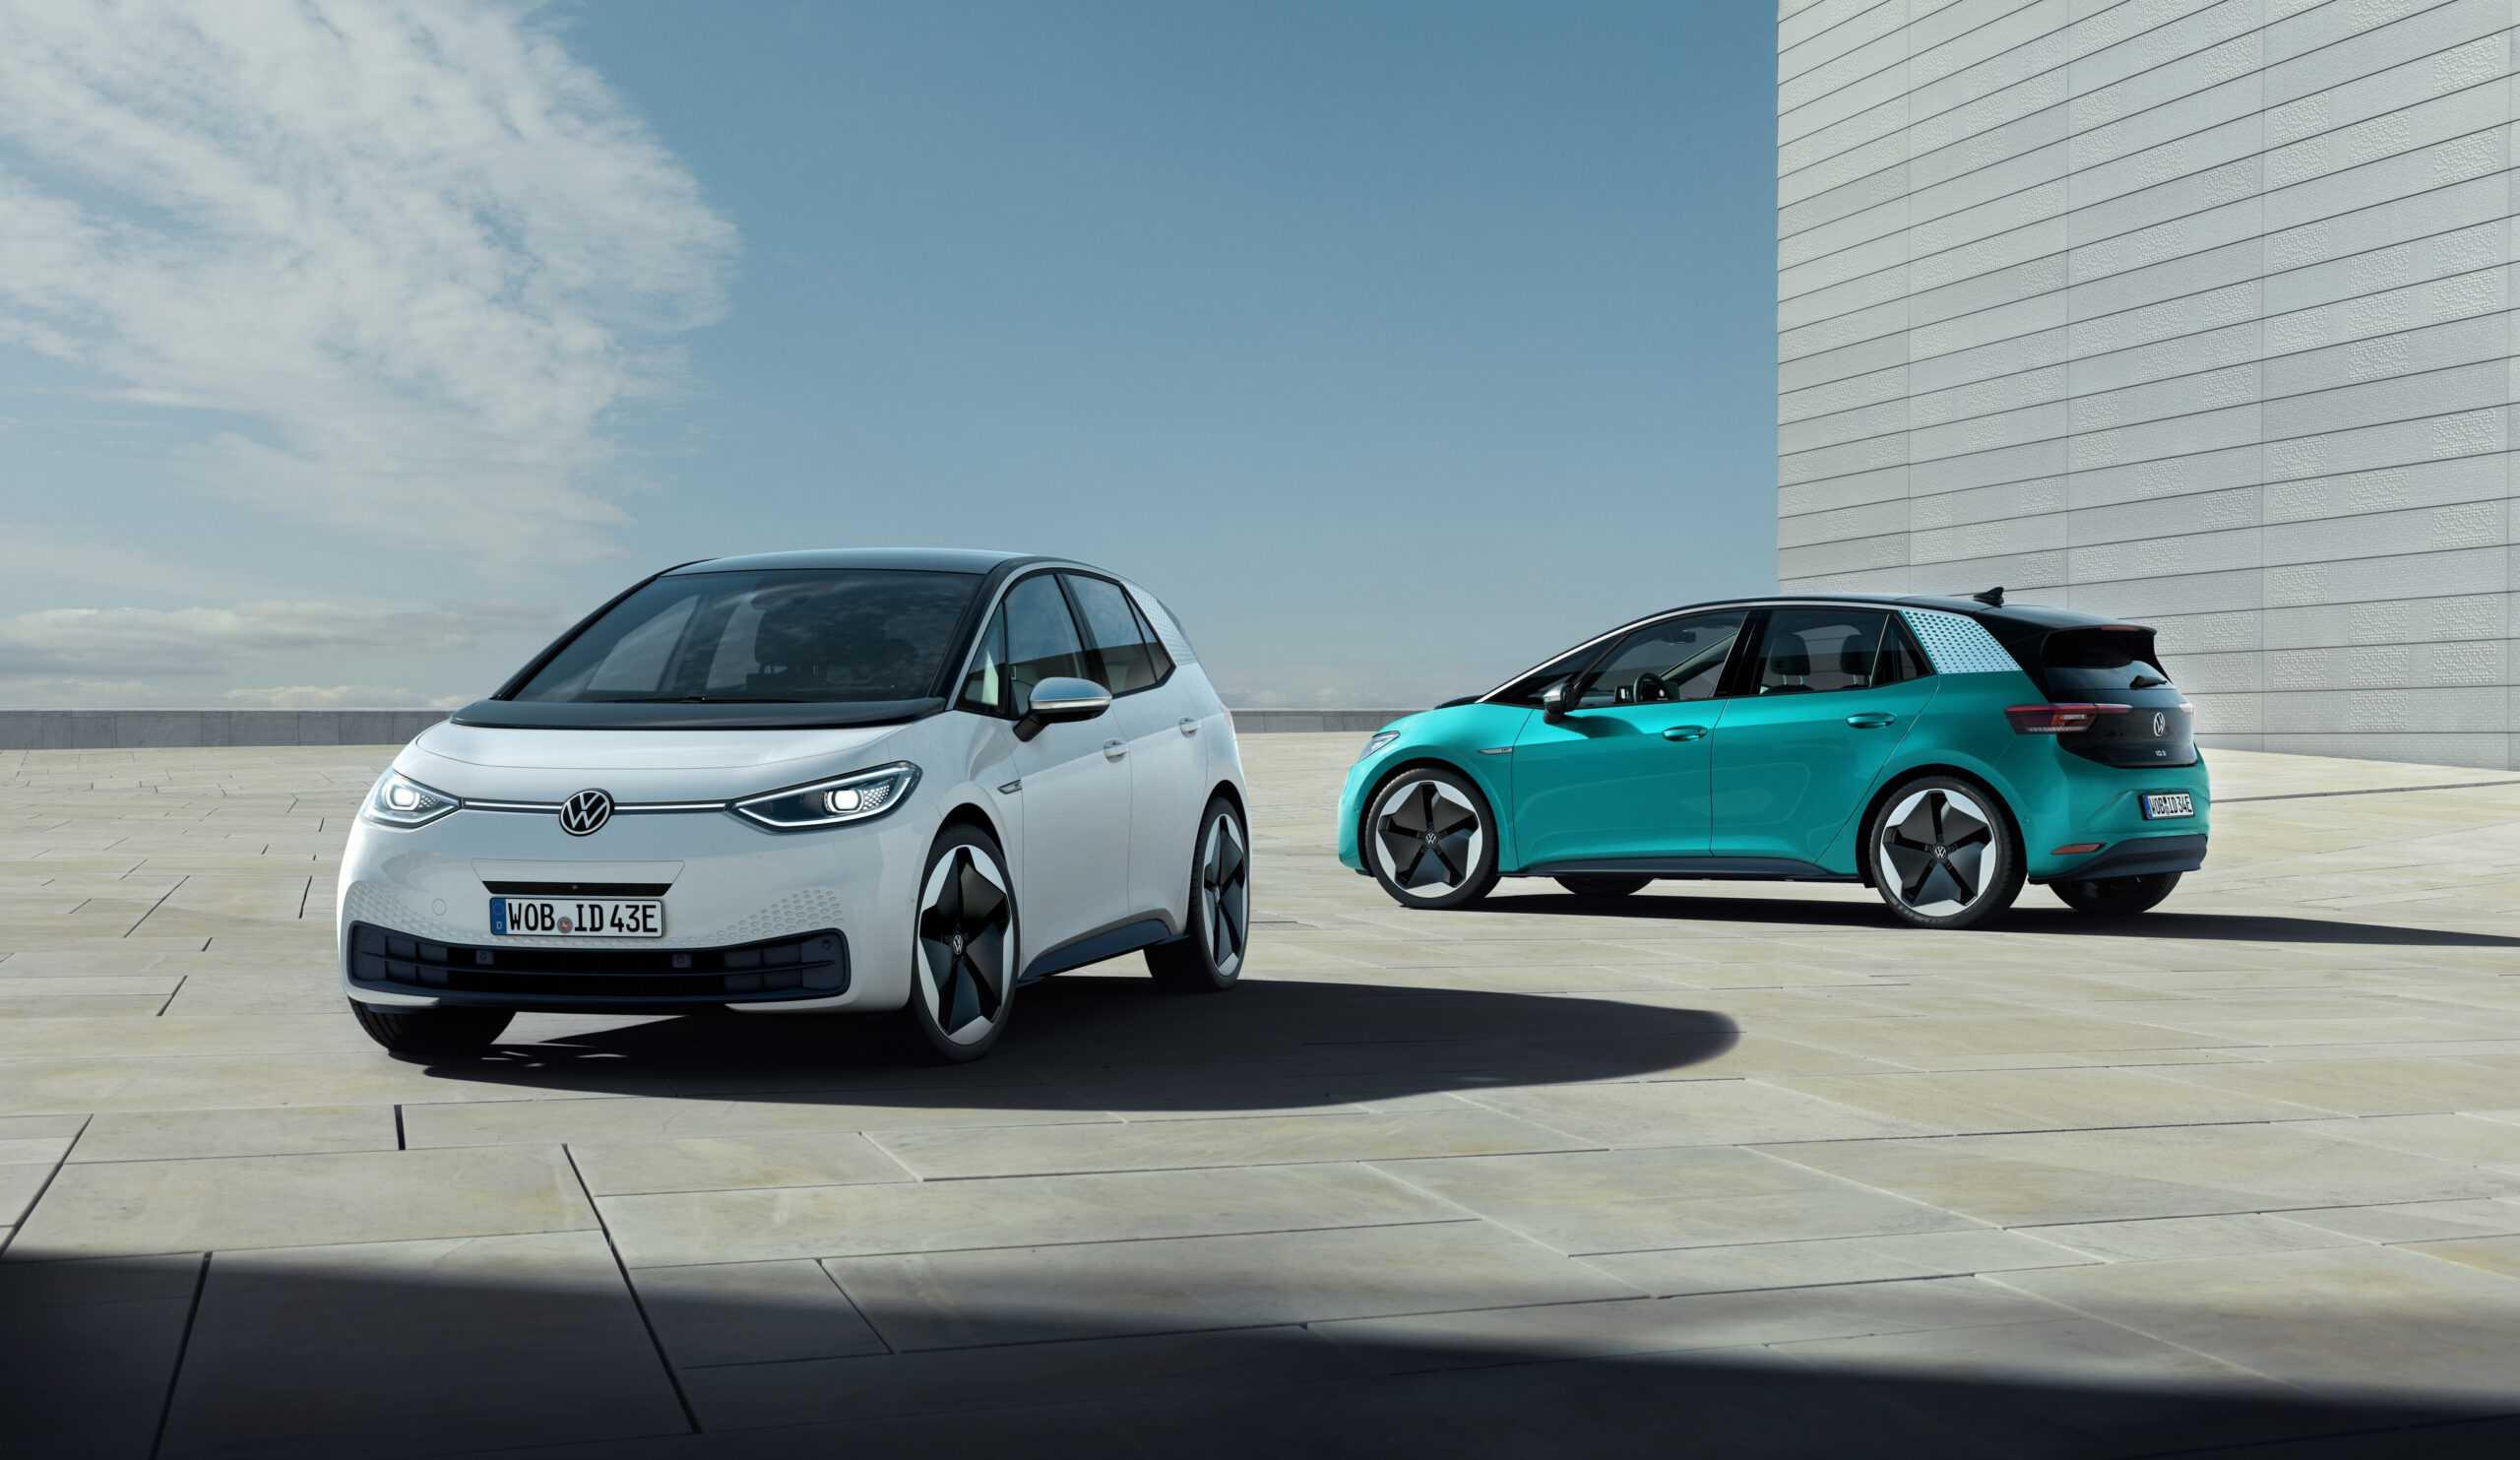 Volkswagen höjer produktionsprognosen för elbilar − en miljon bilar ska nås redan 2023 1